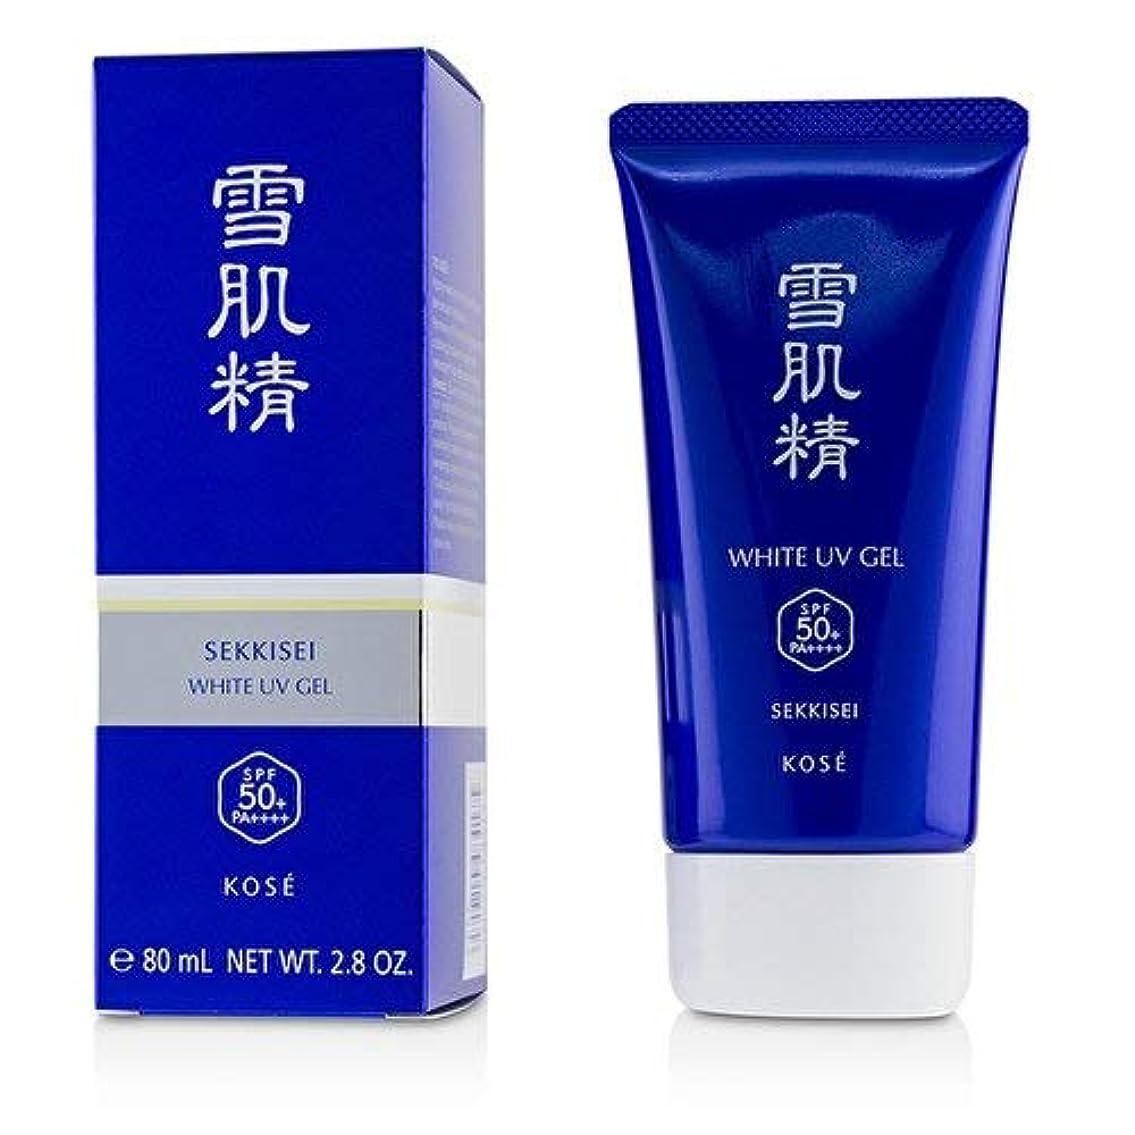 コーセー 雪肌精 ホワイト UV ジェル 80g